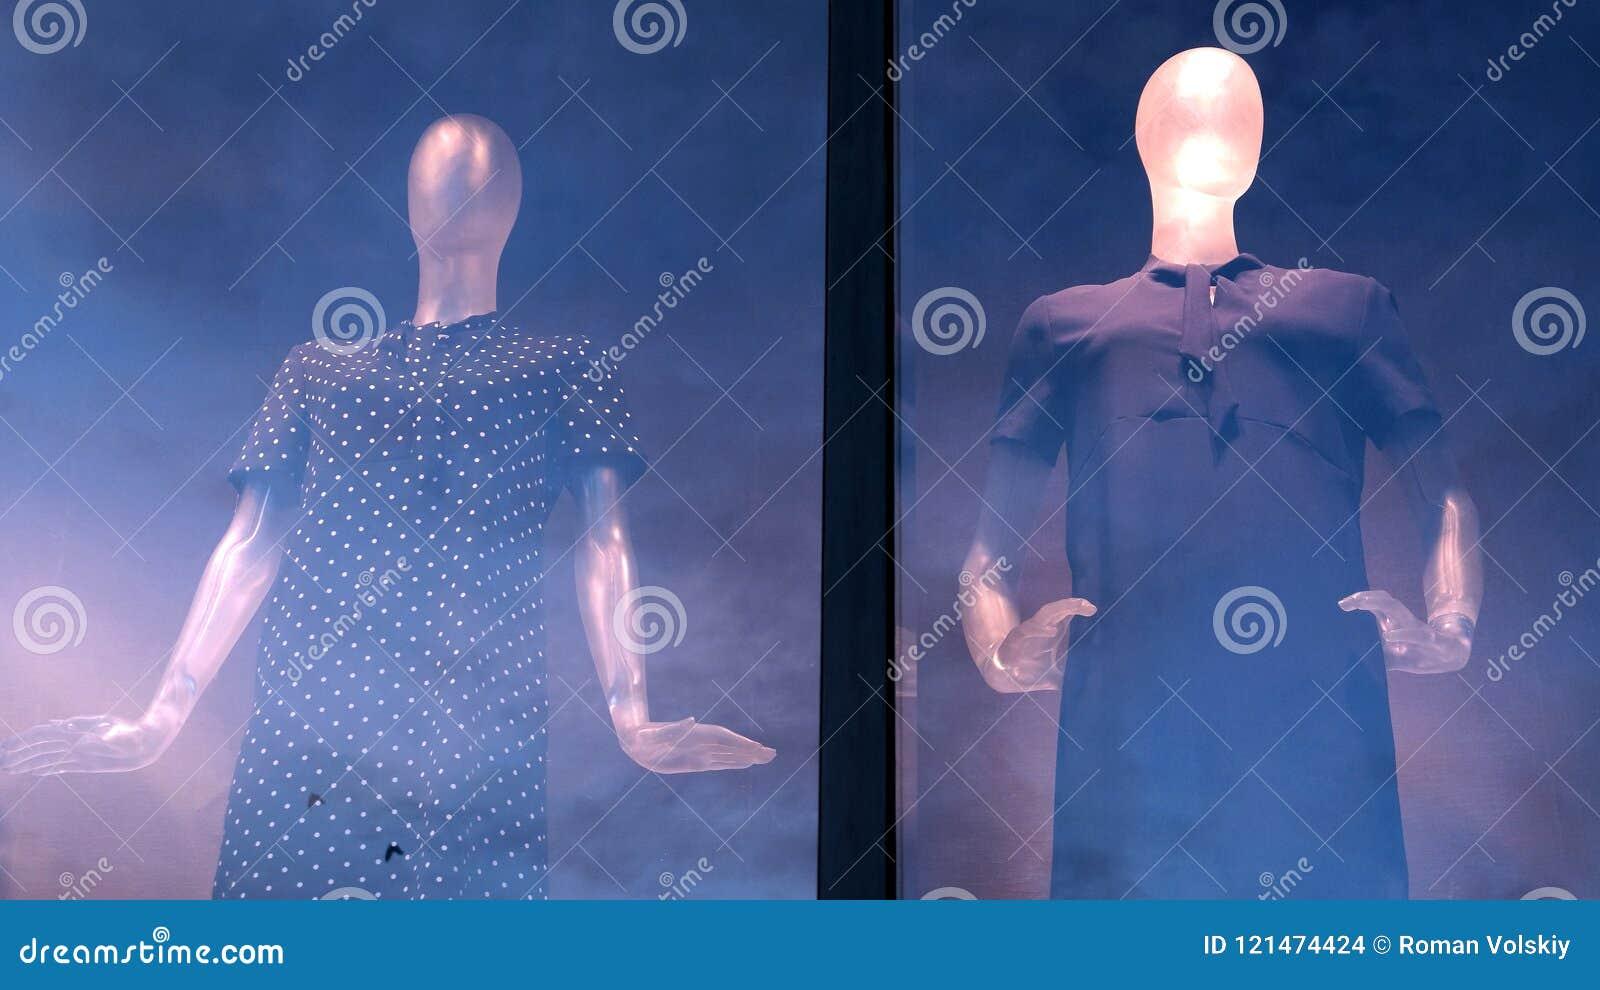 Två attrapper på gatan shoppar fönsterblick i olika riktningar Reflexion av morgon- eller aftonhimlen på exponeringsglaset double